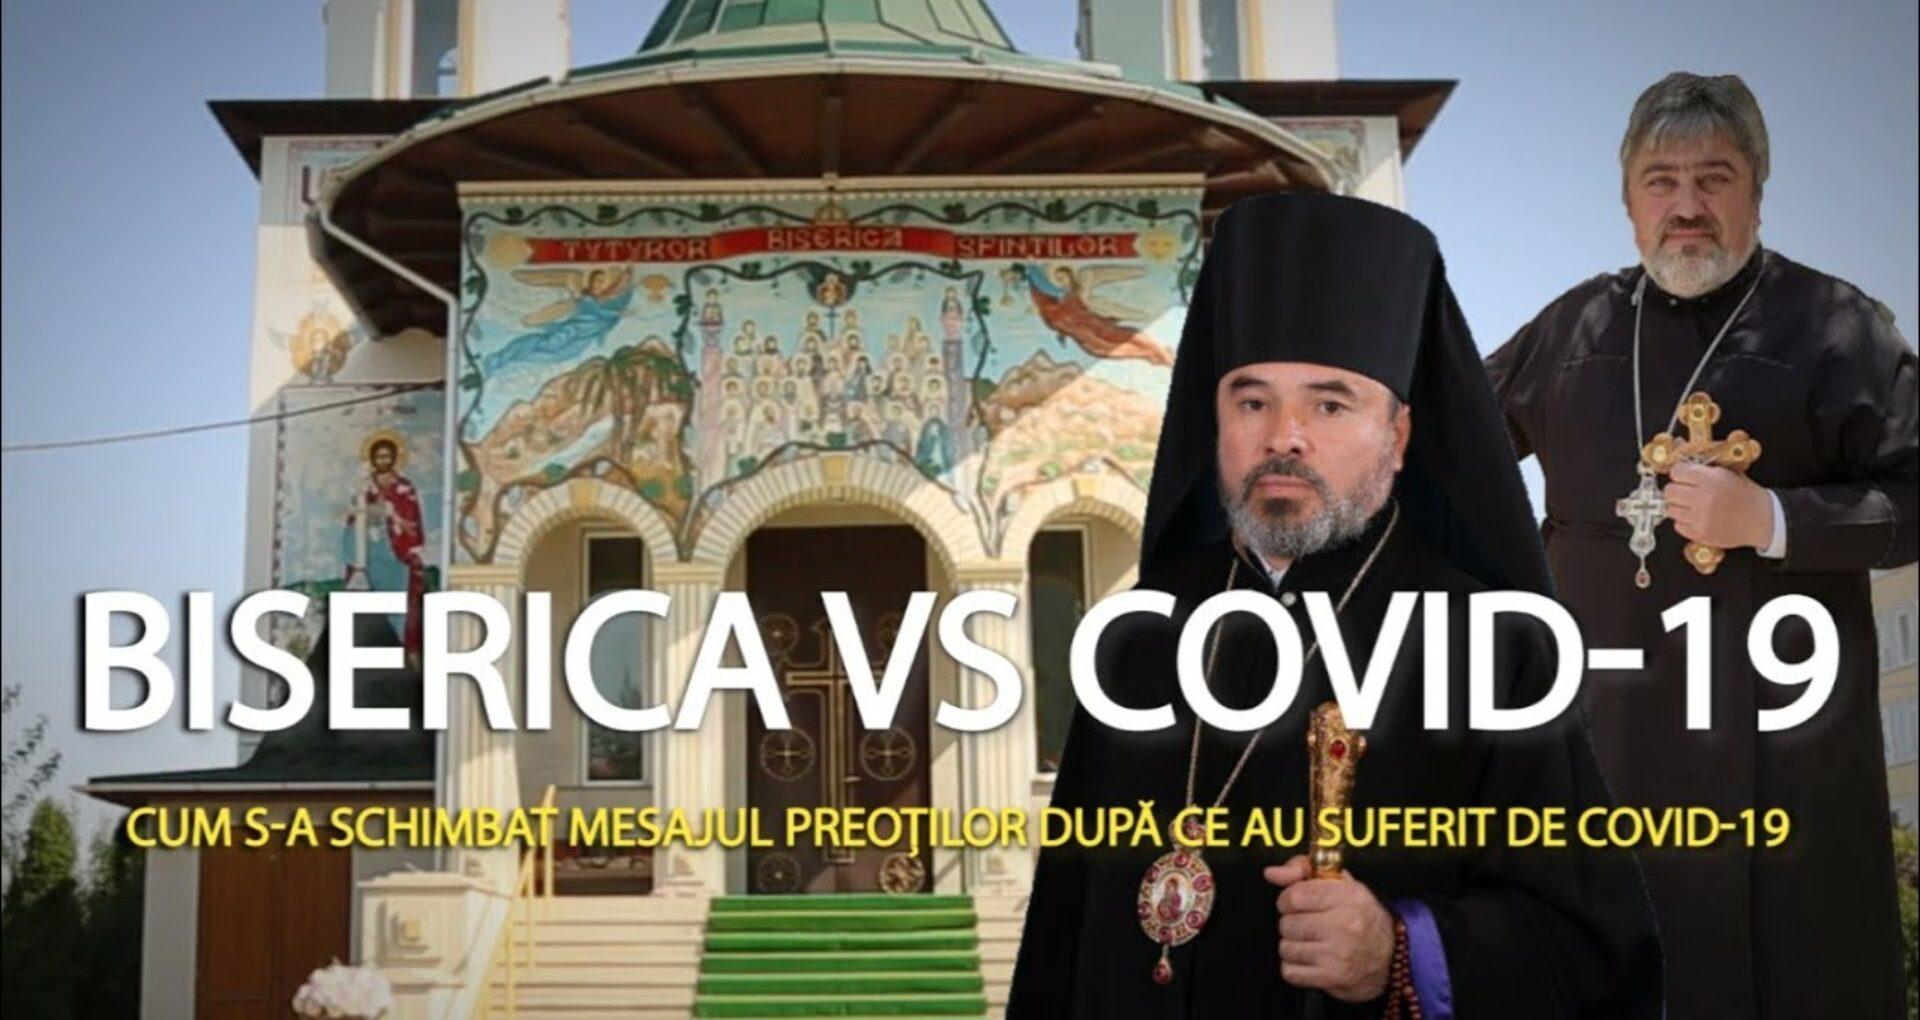 Biserica vs Covid-19. Cum s-a schimbat mesajul preoților după ce au suferit de Covid-19